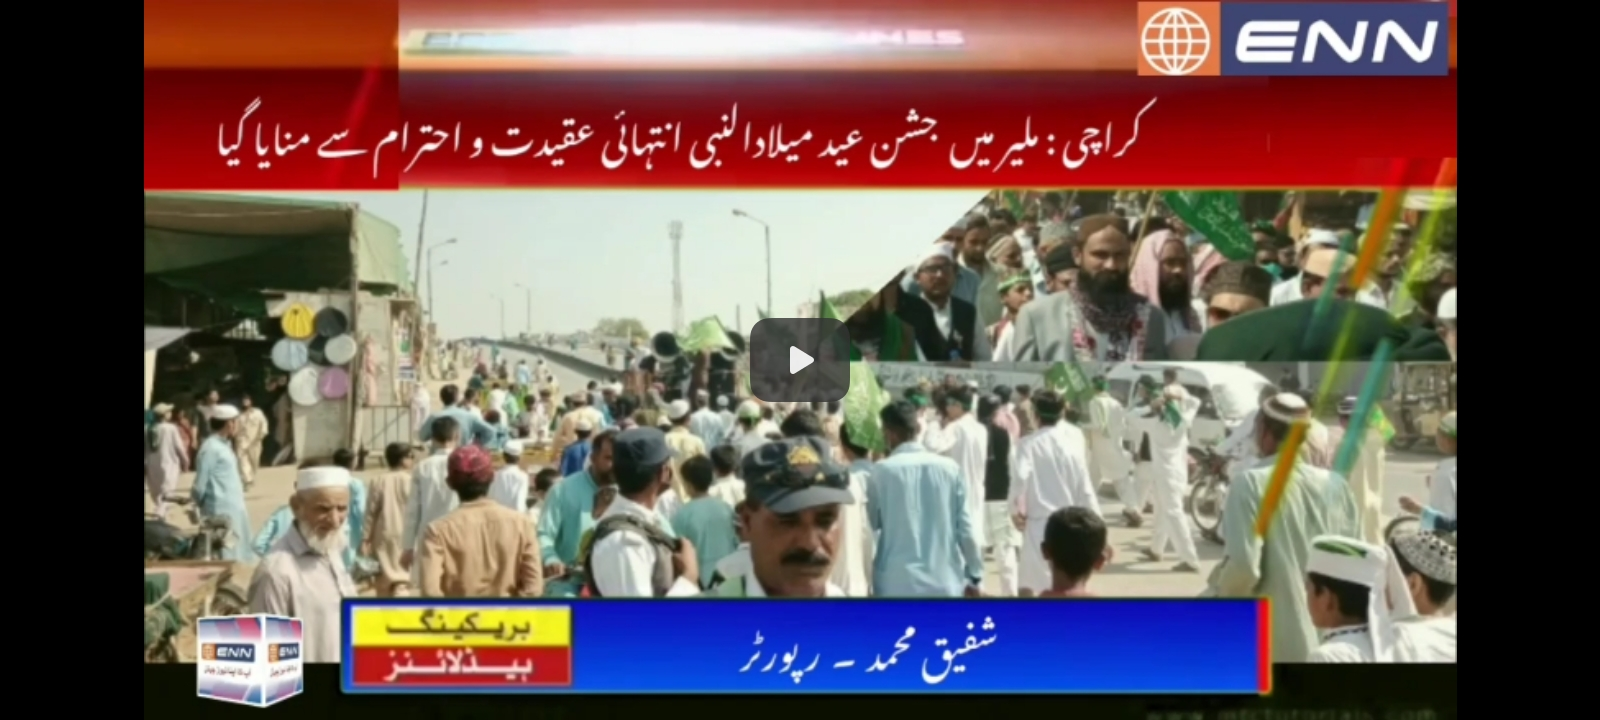 کراچی : ملیر میں  جشن عید میلادالنبی انتہائی عقیدت و احترام سے منایا گیا